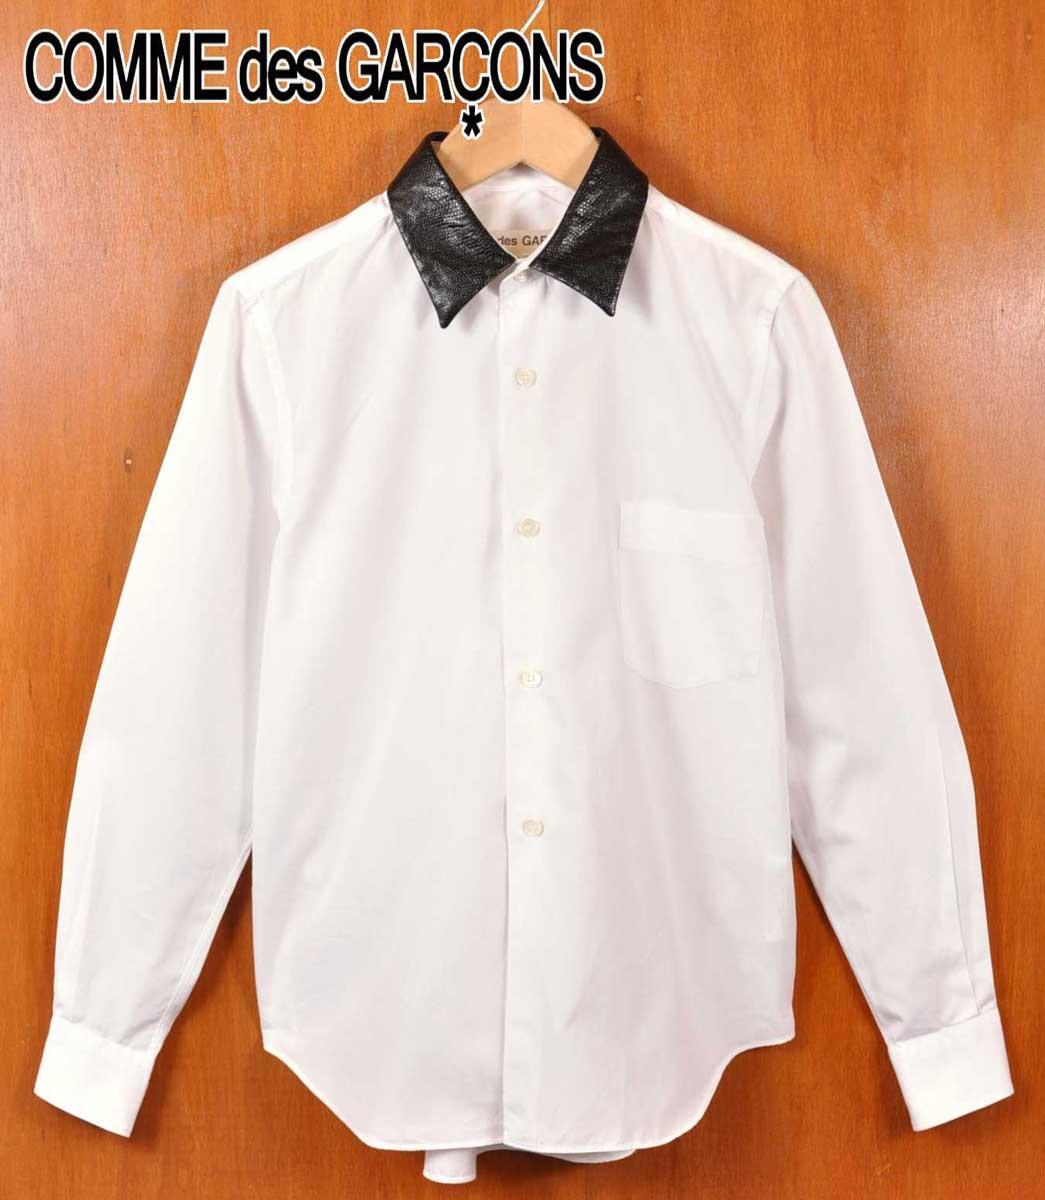 2008年 日本製 / COMME des GARCONS コム・デ・ギャルソン / コットン クレリックシャツ 長袖シャツ / ホワイトベース 襟ブラック爬虫類型押し / レディースXS【中古】▽